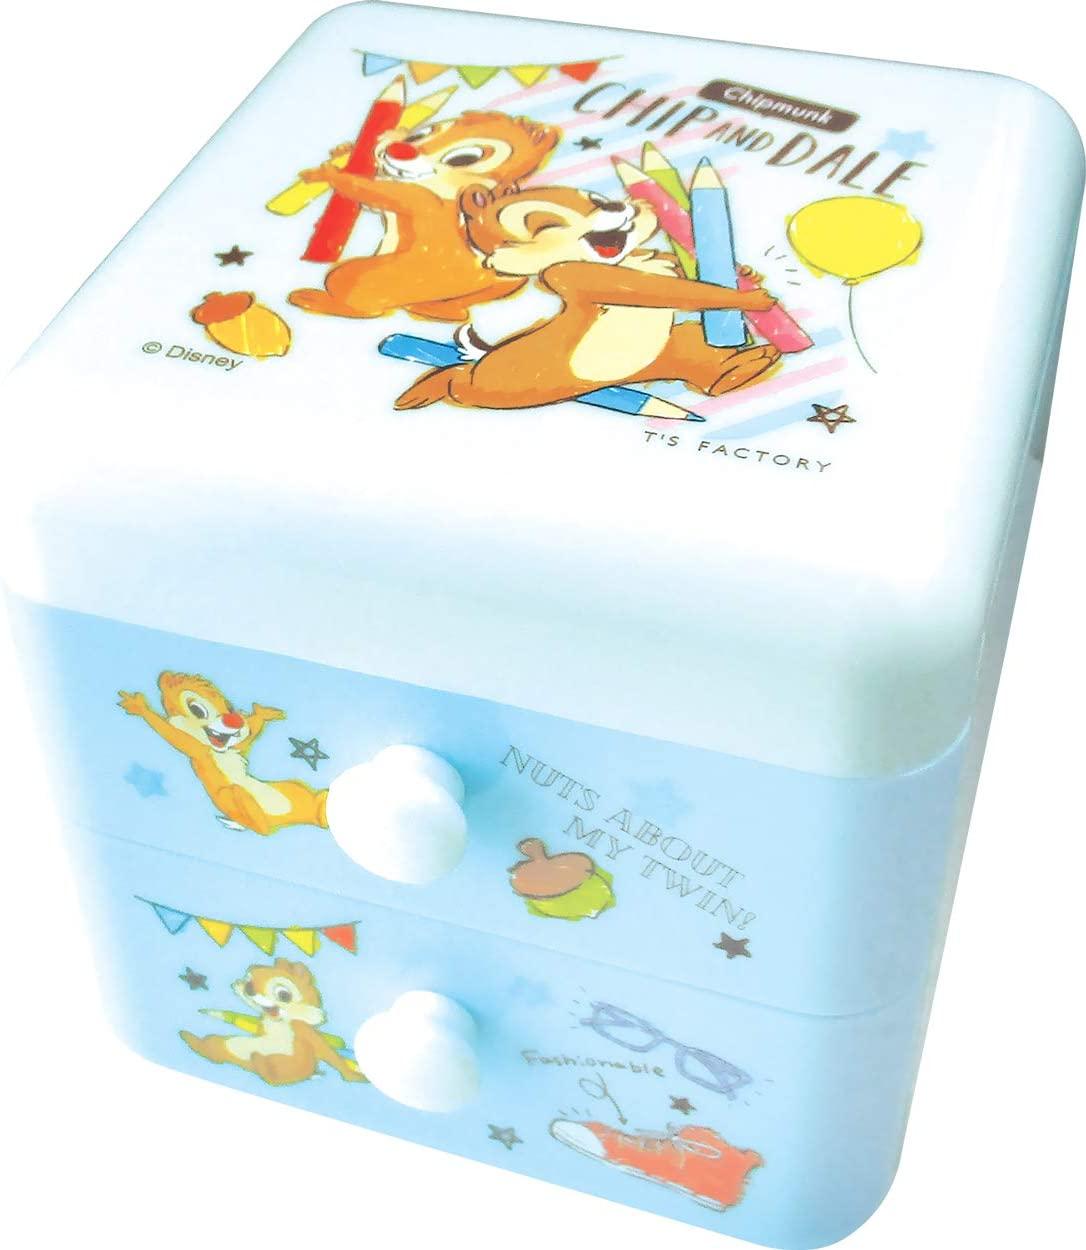 奇奇蒂蒂Chip 'n' Dale雙層抽屜櫃,置物盒/收納盒/抽屜收納盒/筆筒/桌上收納盒,X射線【C107117】